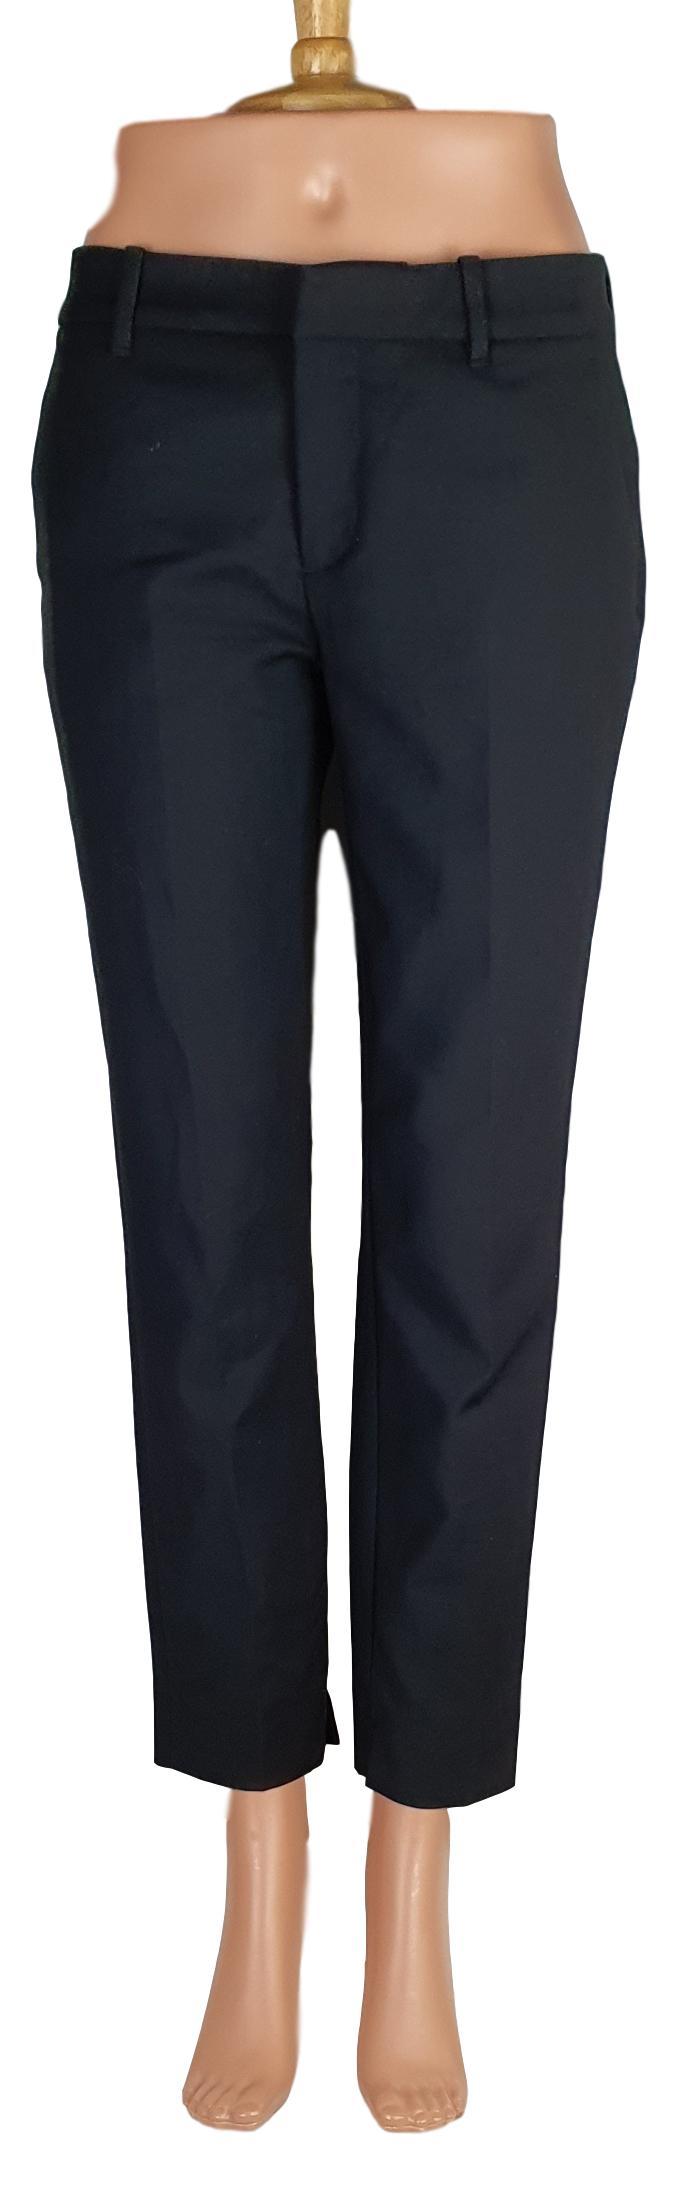 Zara - Taille S ( 38 )